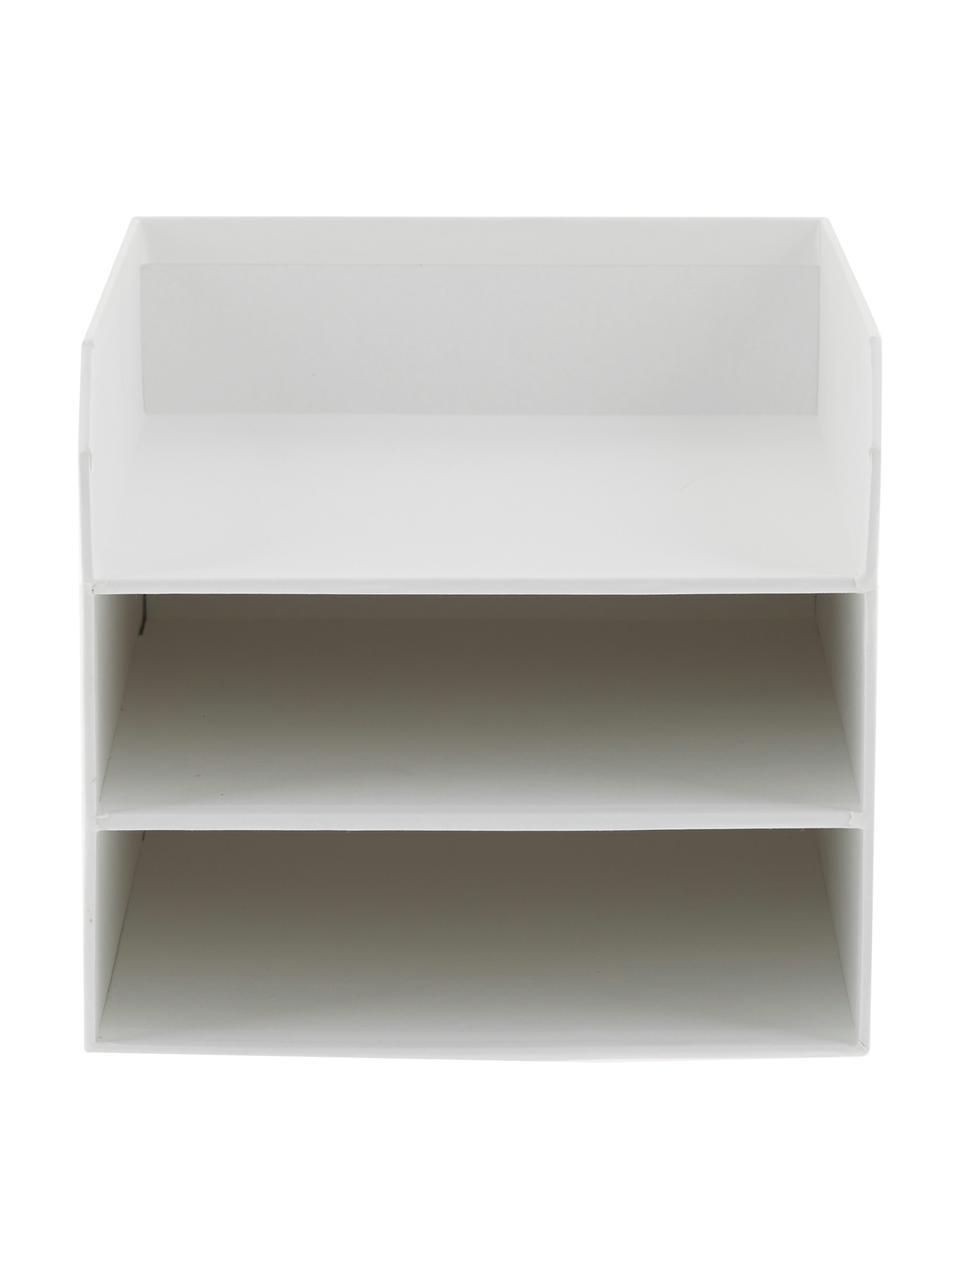 Tacka na dokumenty Trey, Tektura laminowana, Biały, S 23 x W 21 cm